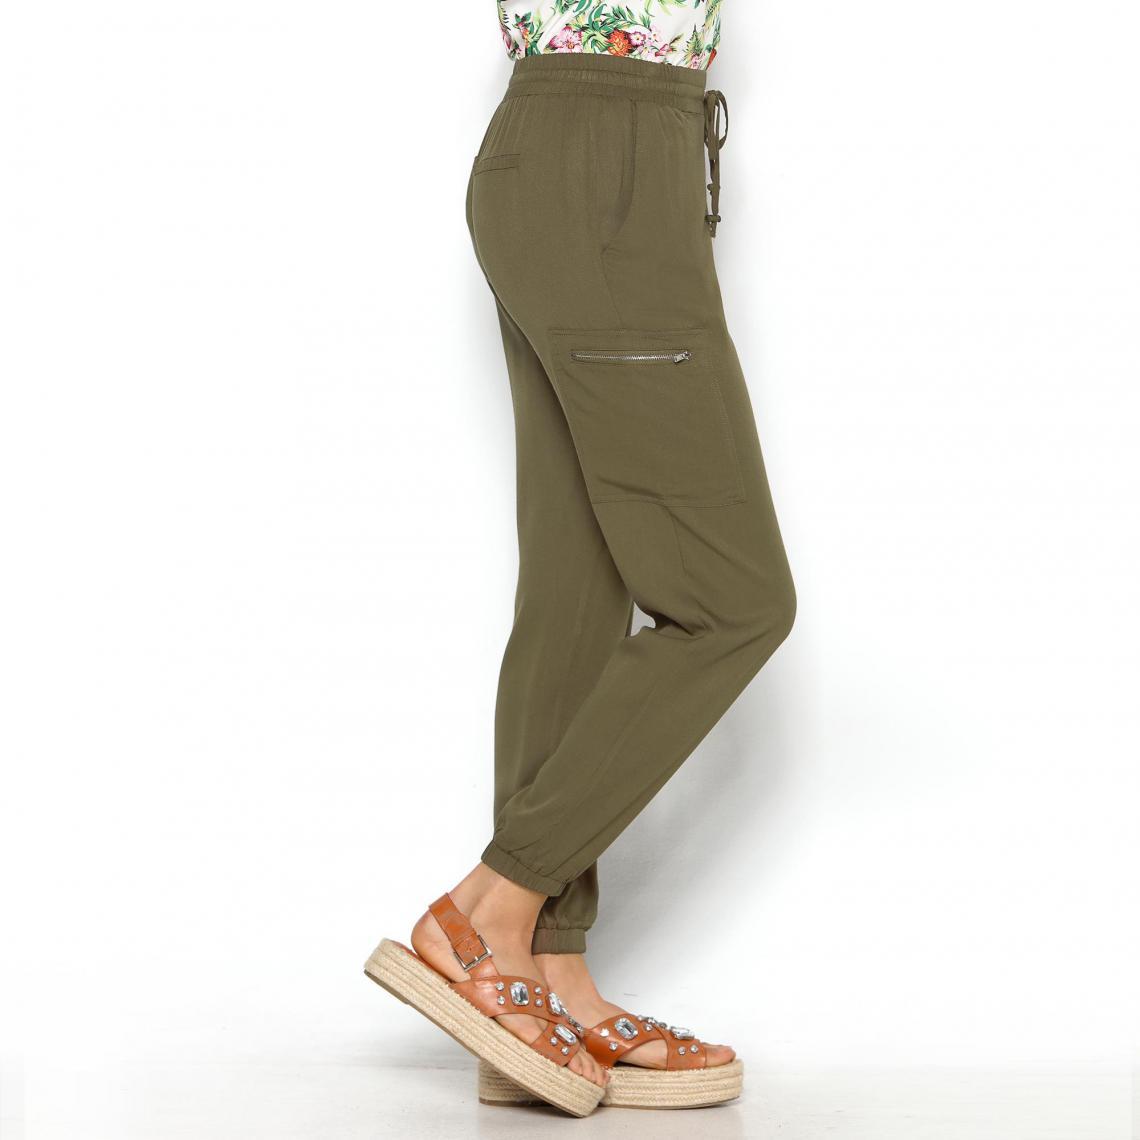 Pantalon taille et bas élastiques poches femme Exclusivité 3SUISSES ... 27be9661f99